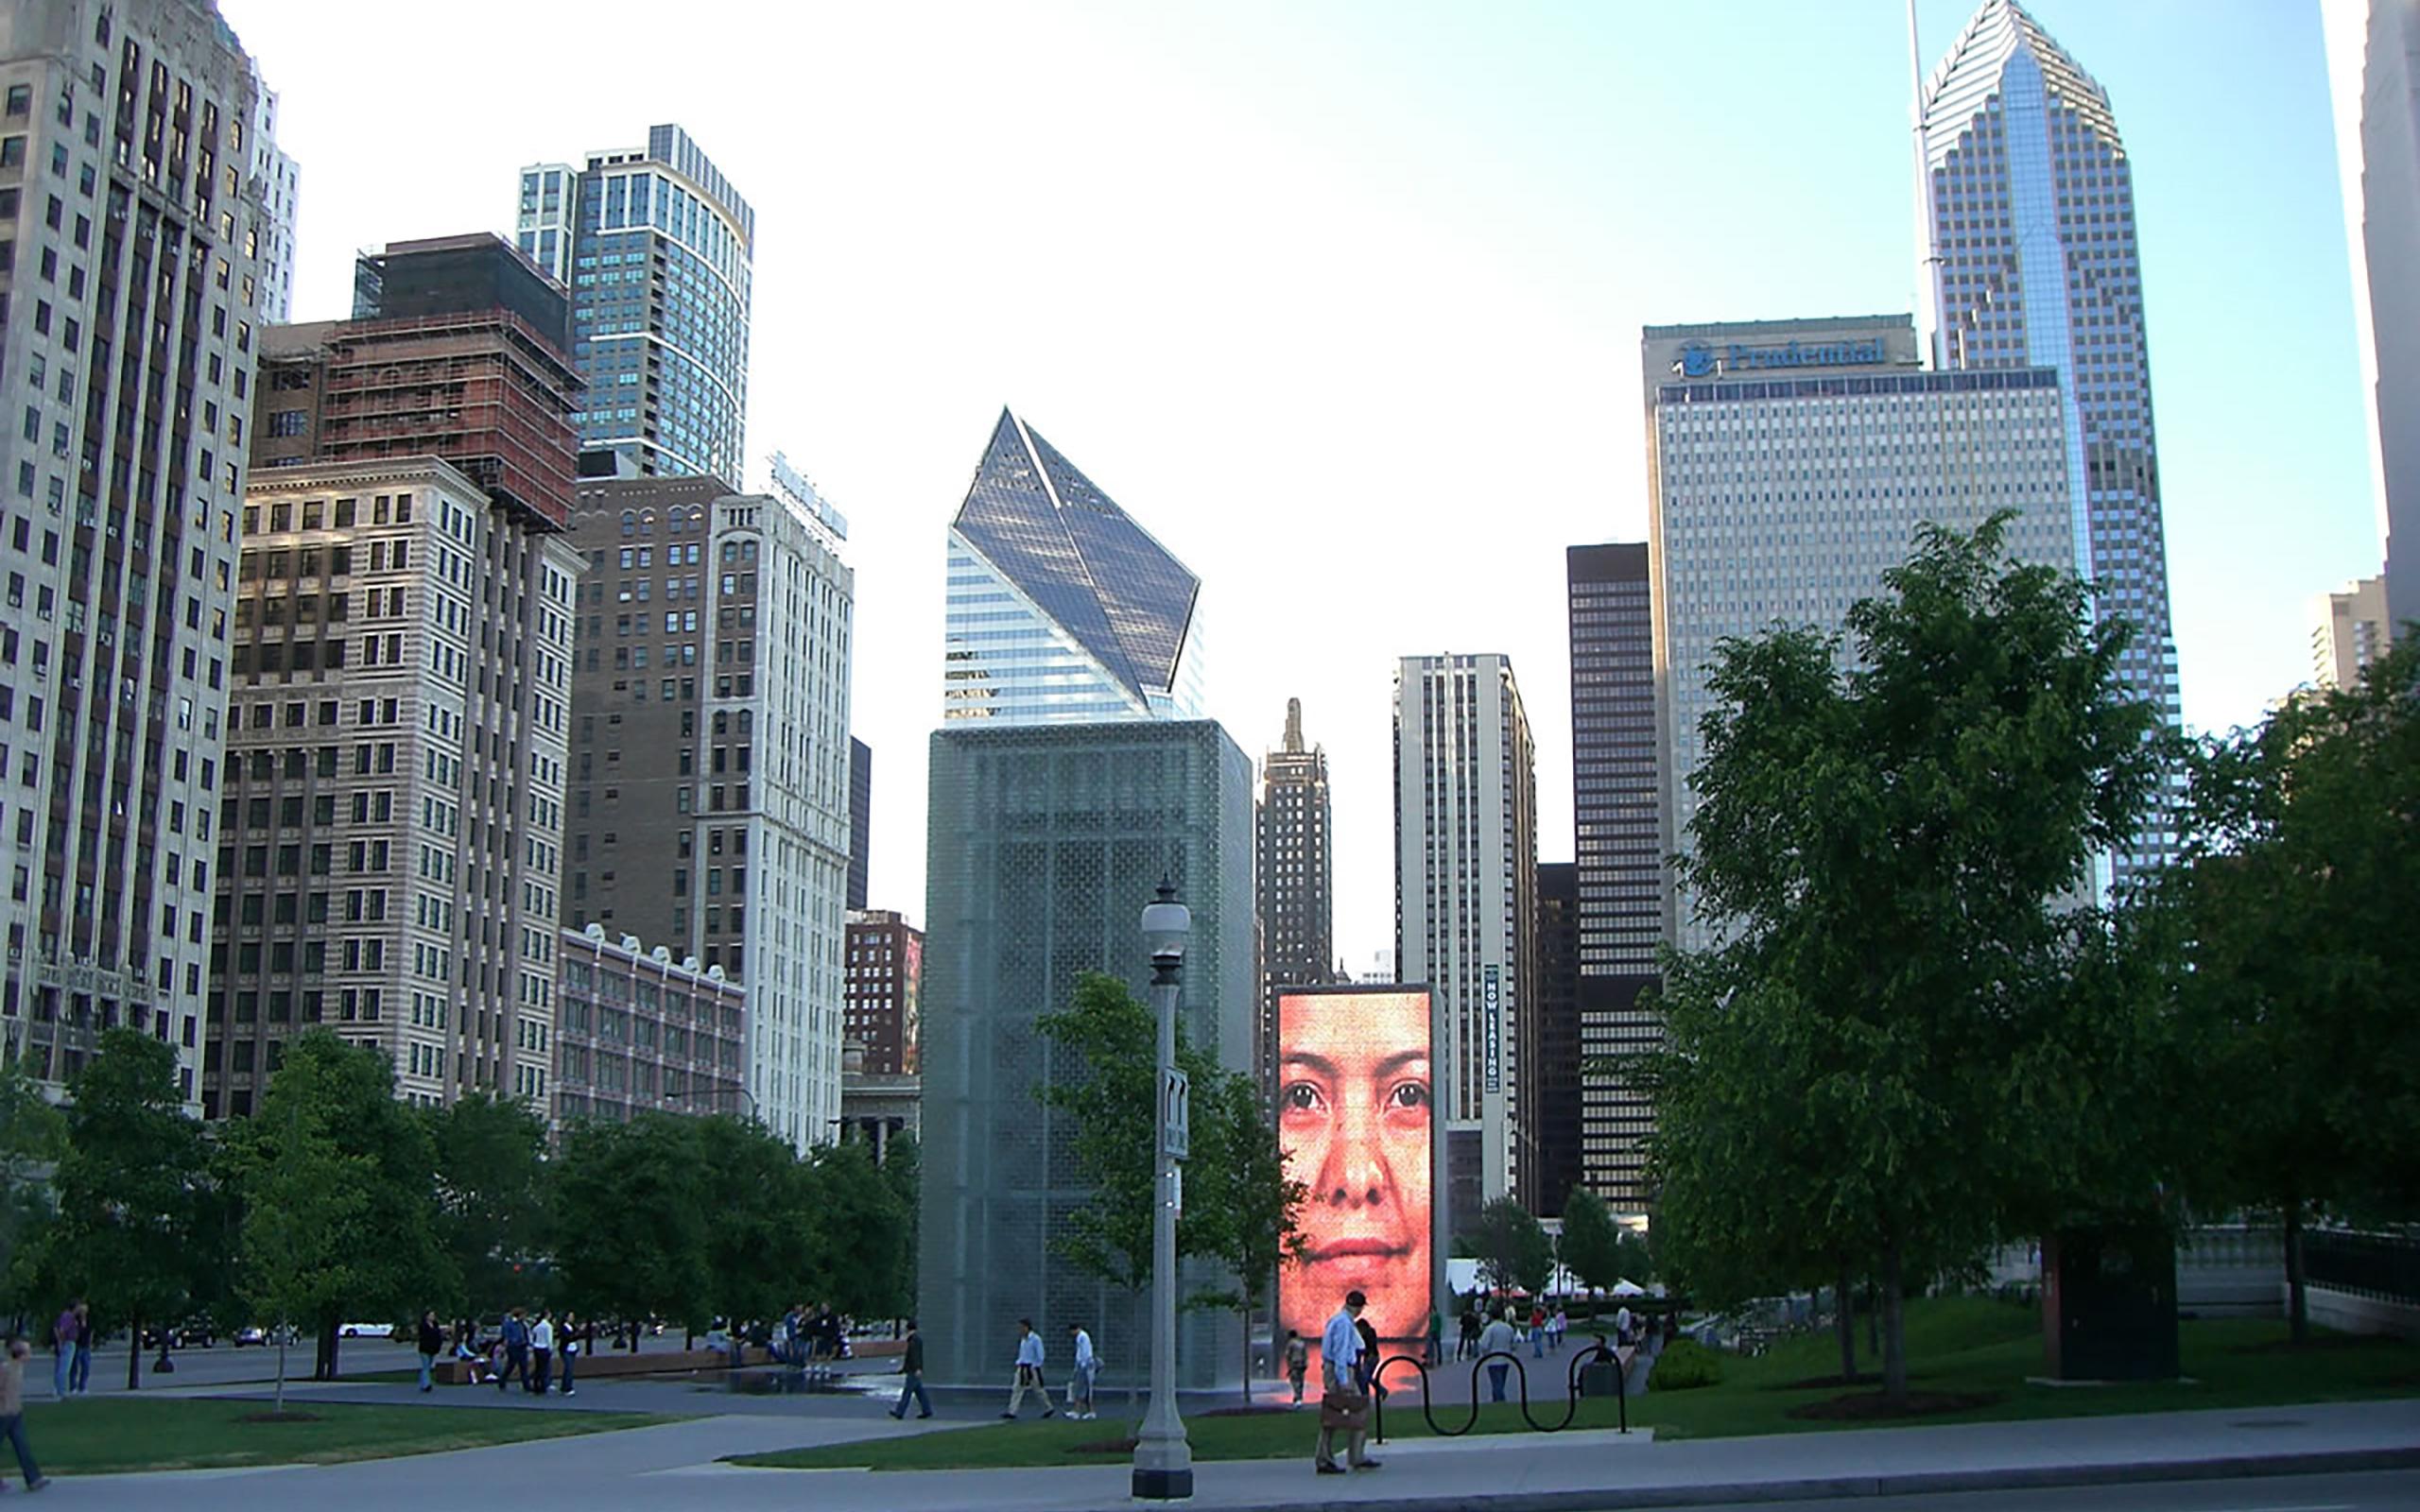 Millenium Park in Chicago, Illinois.